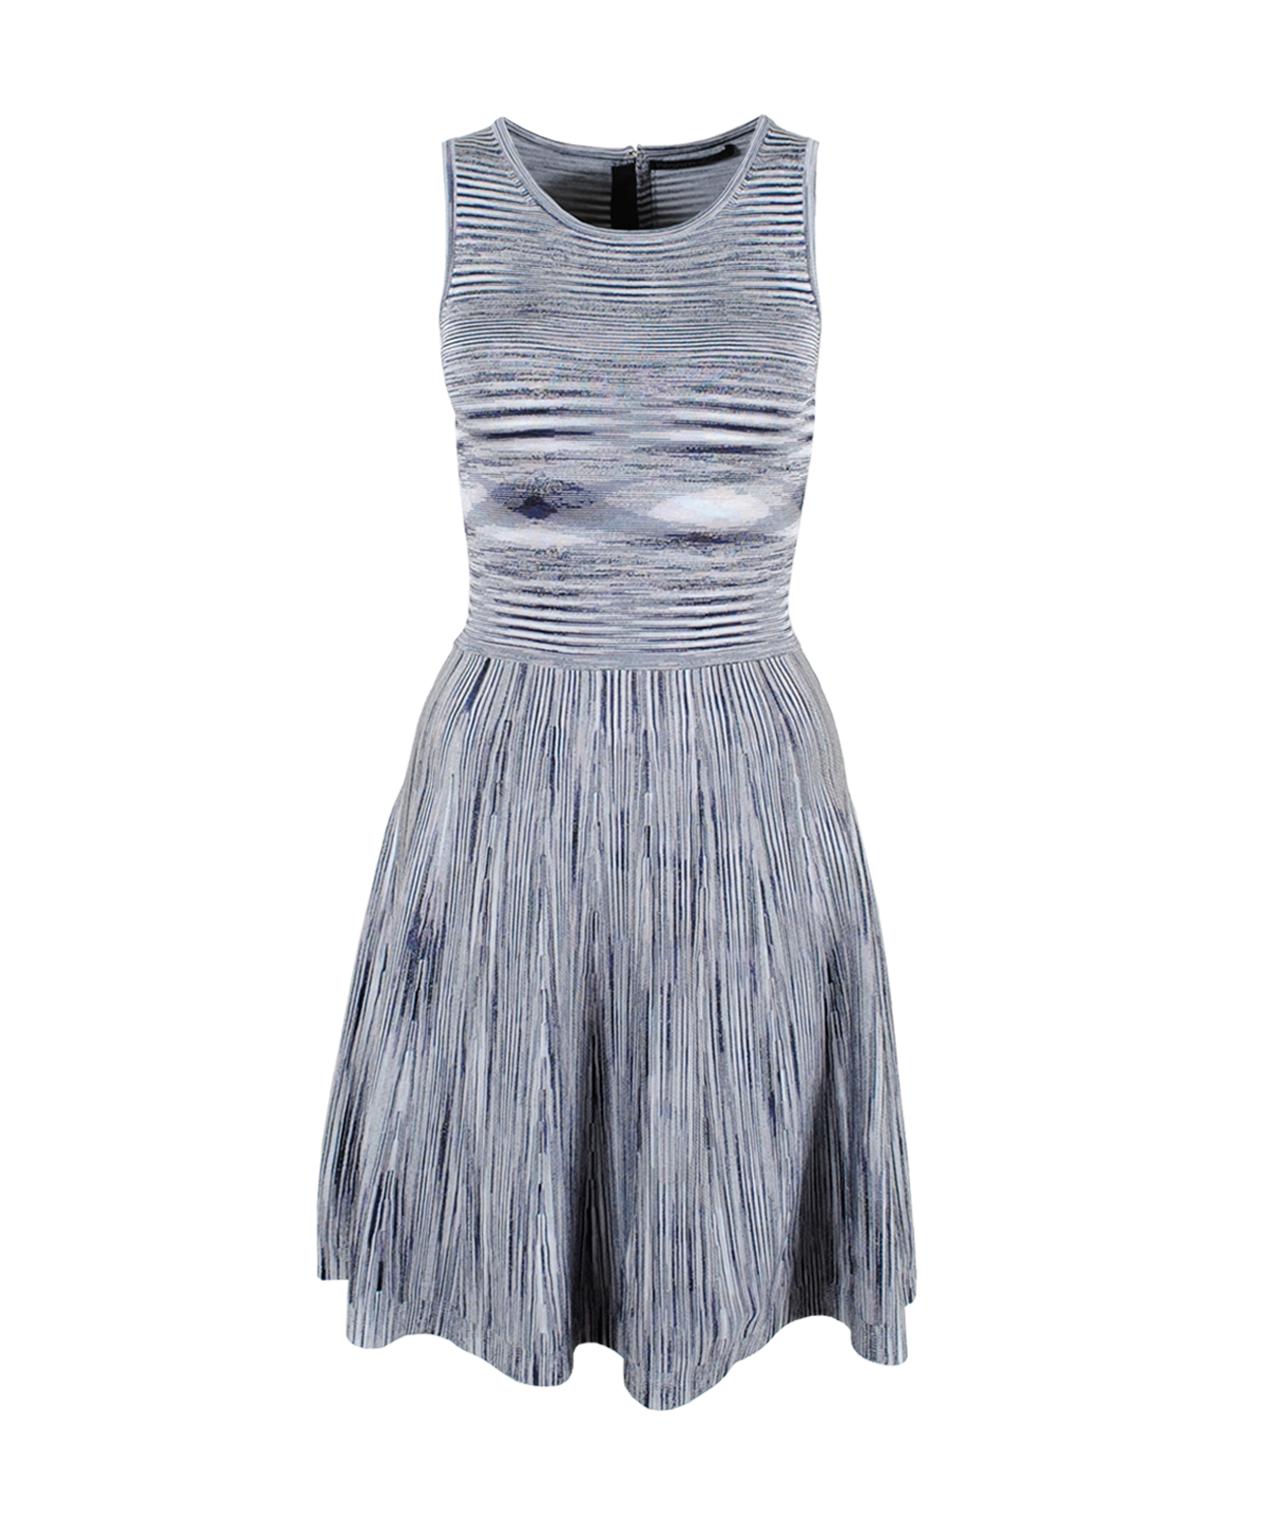 Kleid Strickoptik A-Form - PNG Kleid